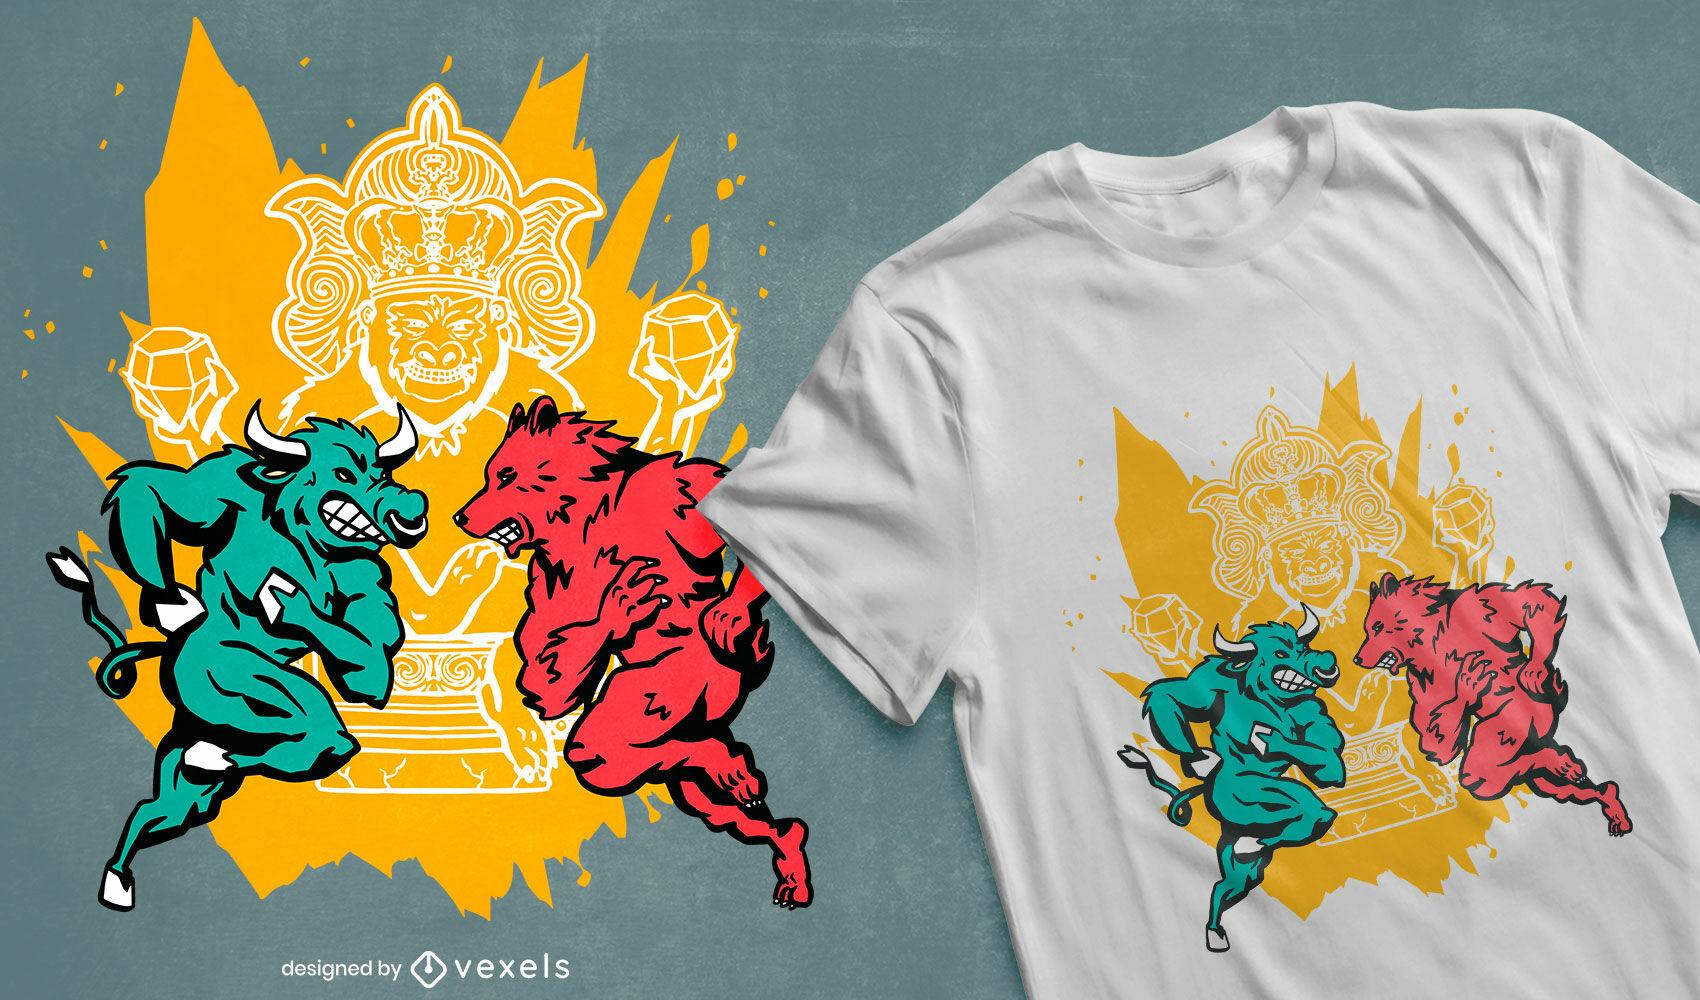 Diseño de camiseta de mercado de valores de toro y oso.